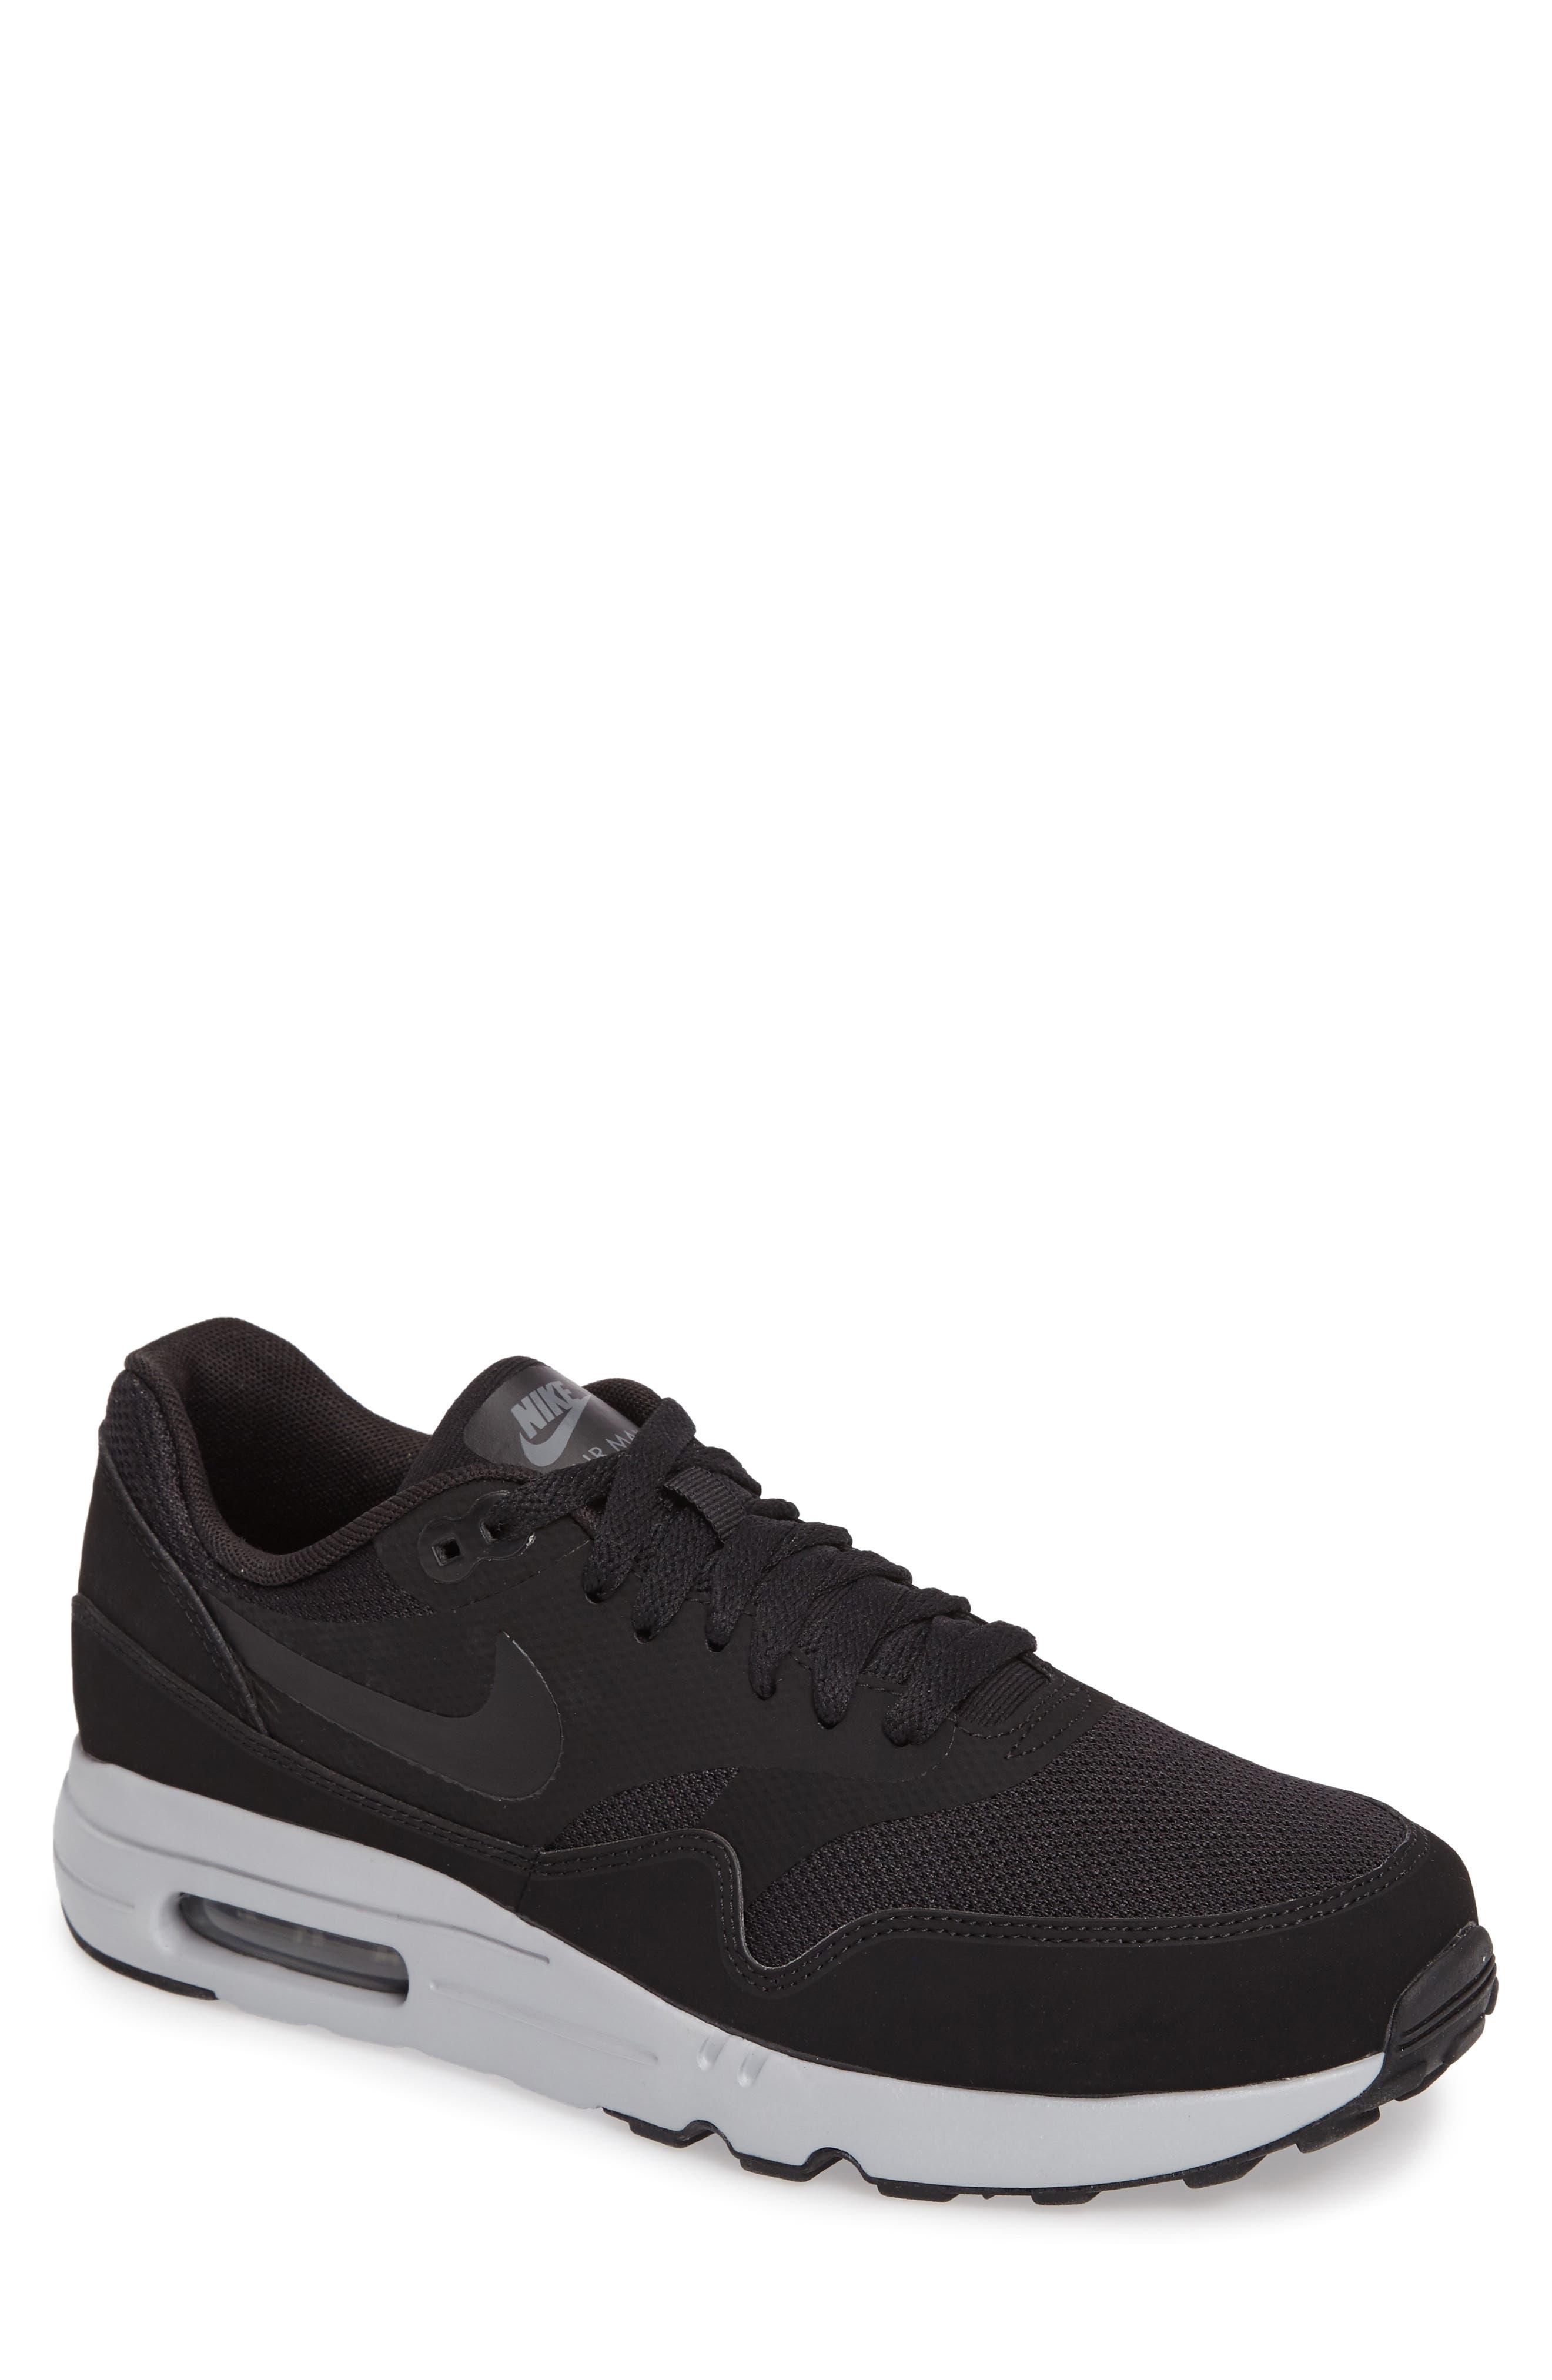 Alternate Image 1 Selected - Nike Air Max 1 Ultra 2.0 Essential Sneaker (Men)